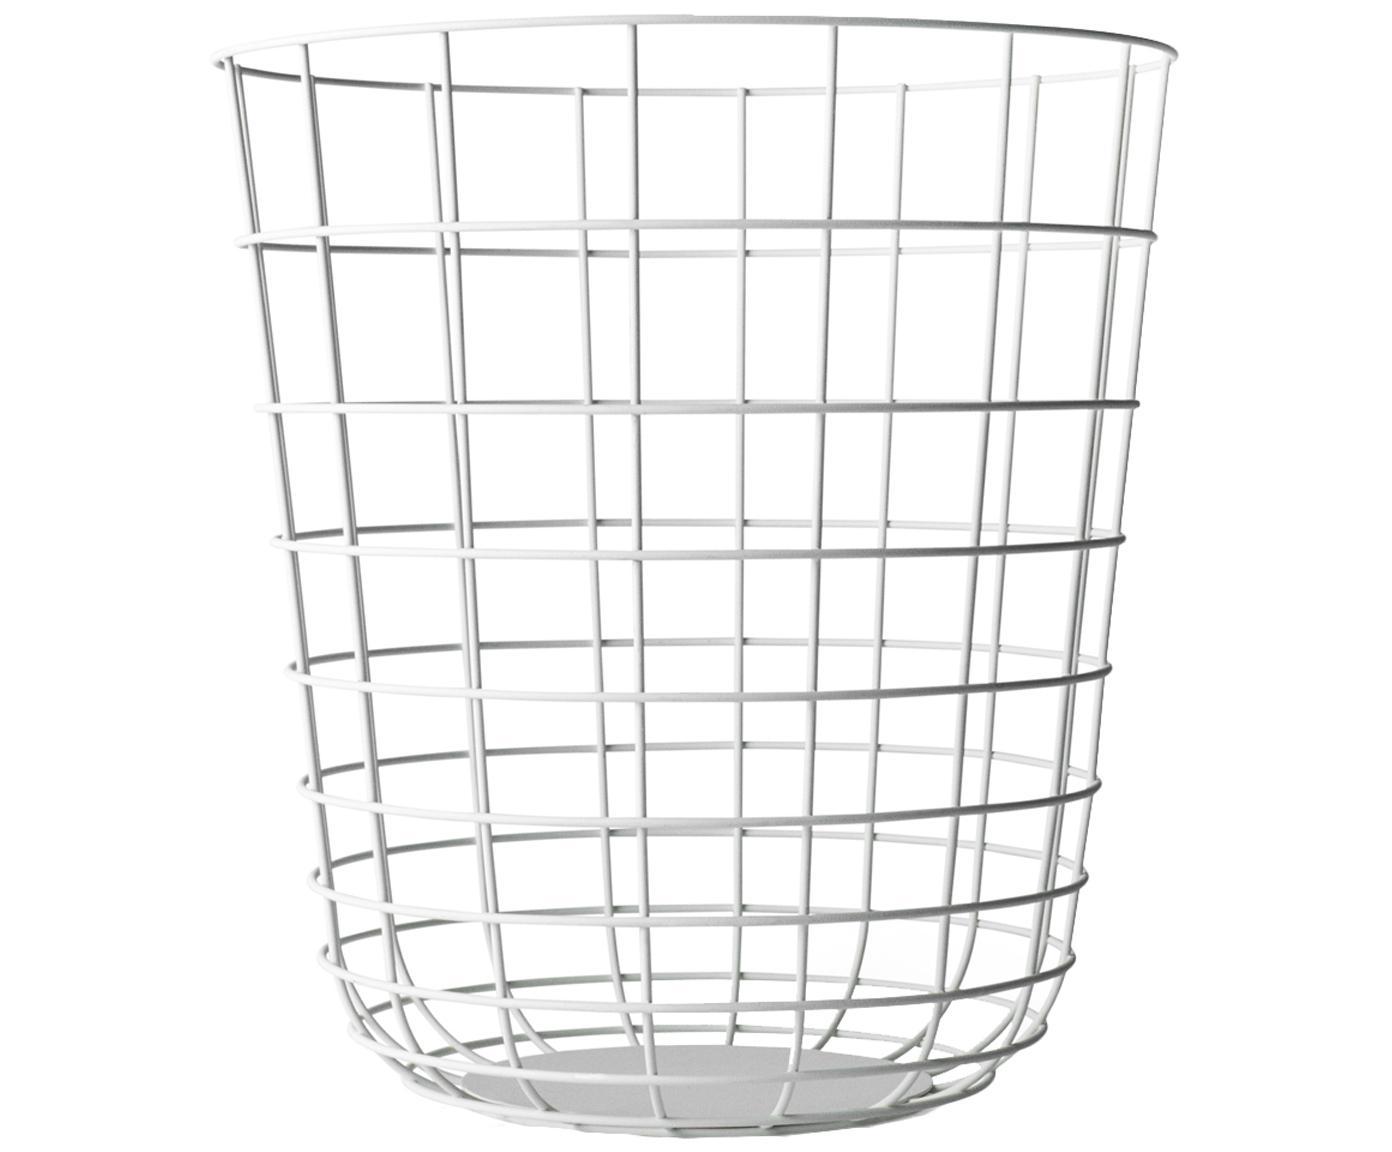 Papierkorb Wire Bin, Korb: Stahl, Weiß, Ø 32 x H 35 cm